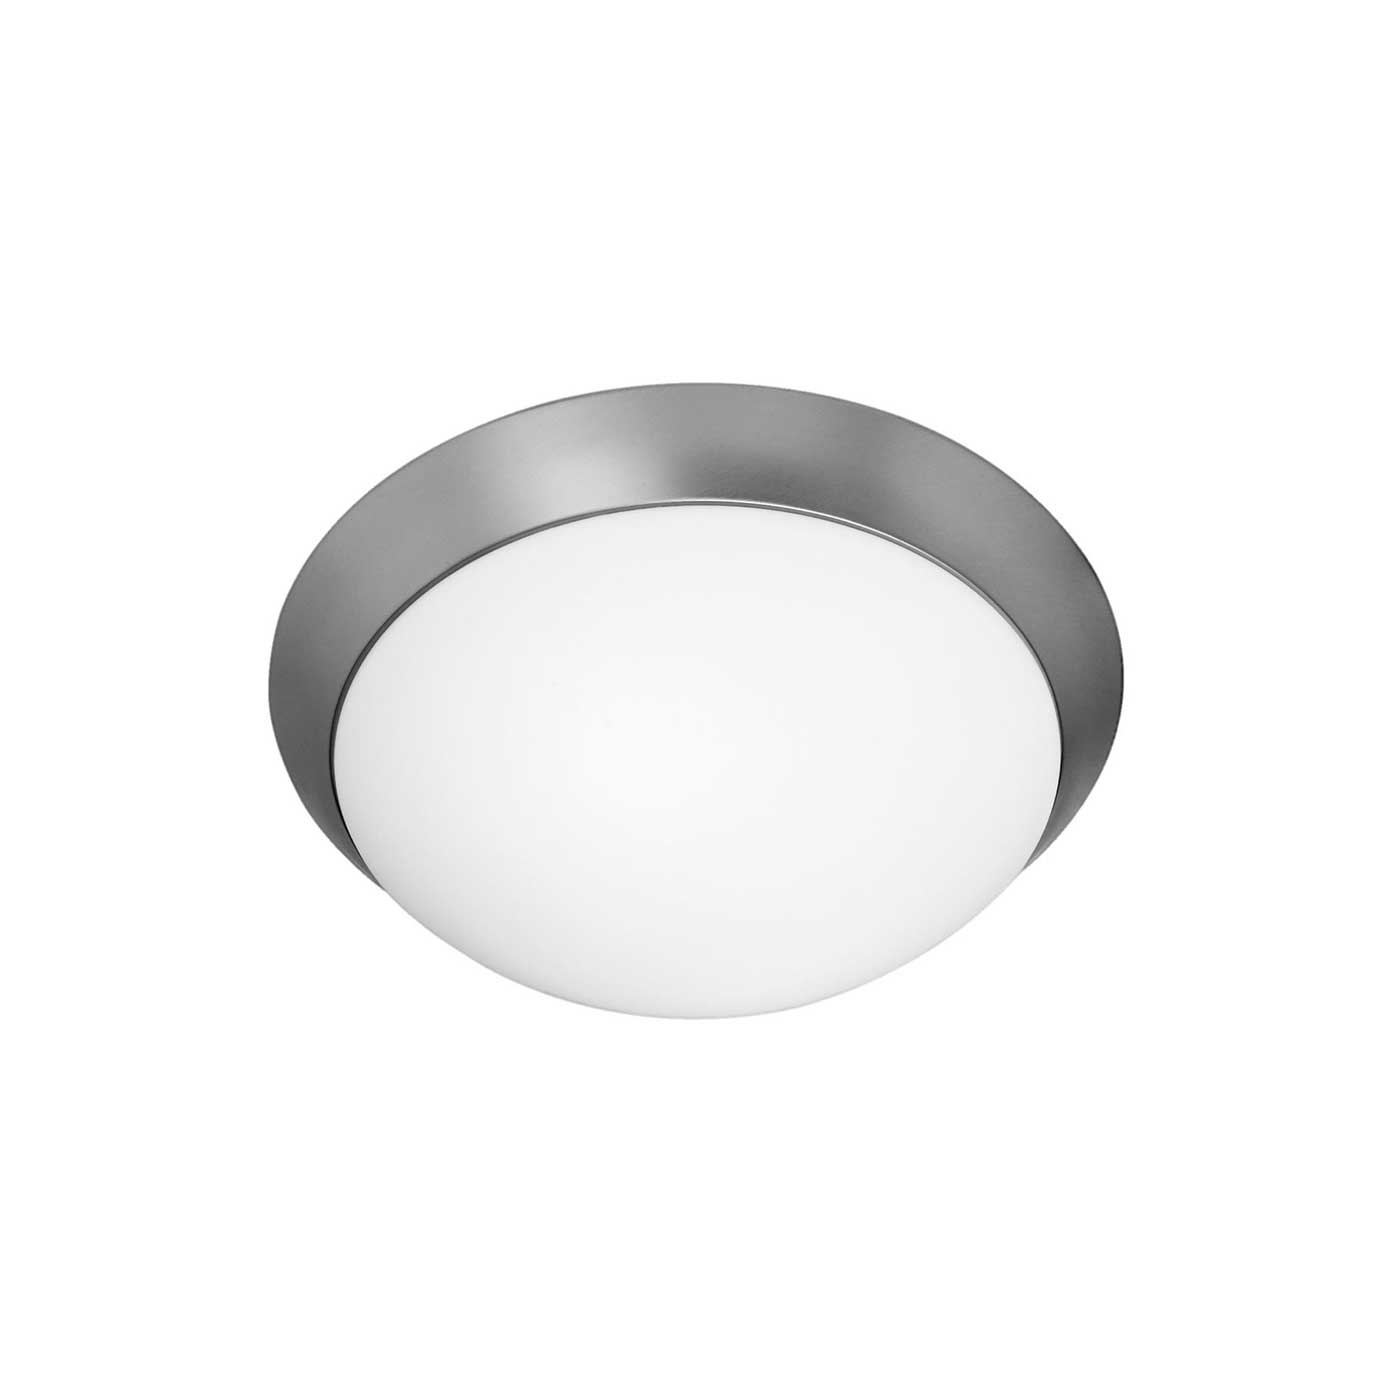 Cobalt Ceiling Light Fixture By Access 20624 Bs Opl